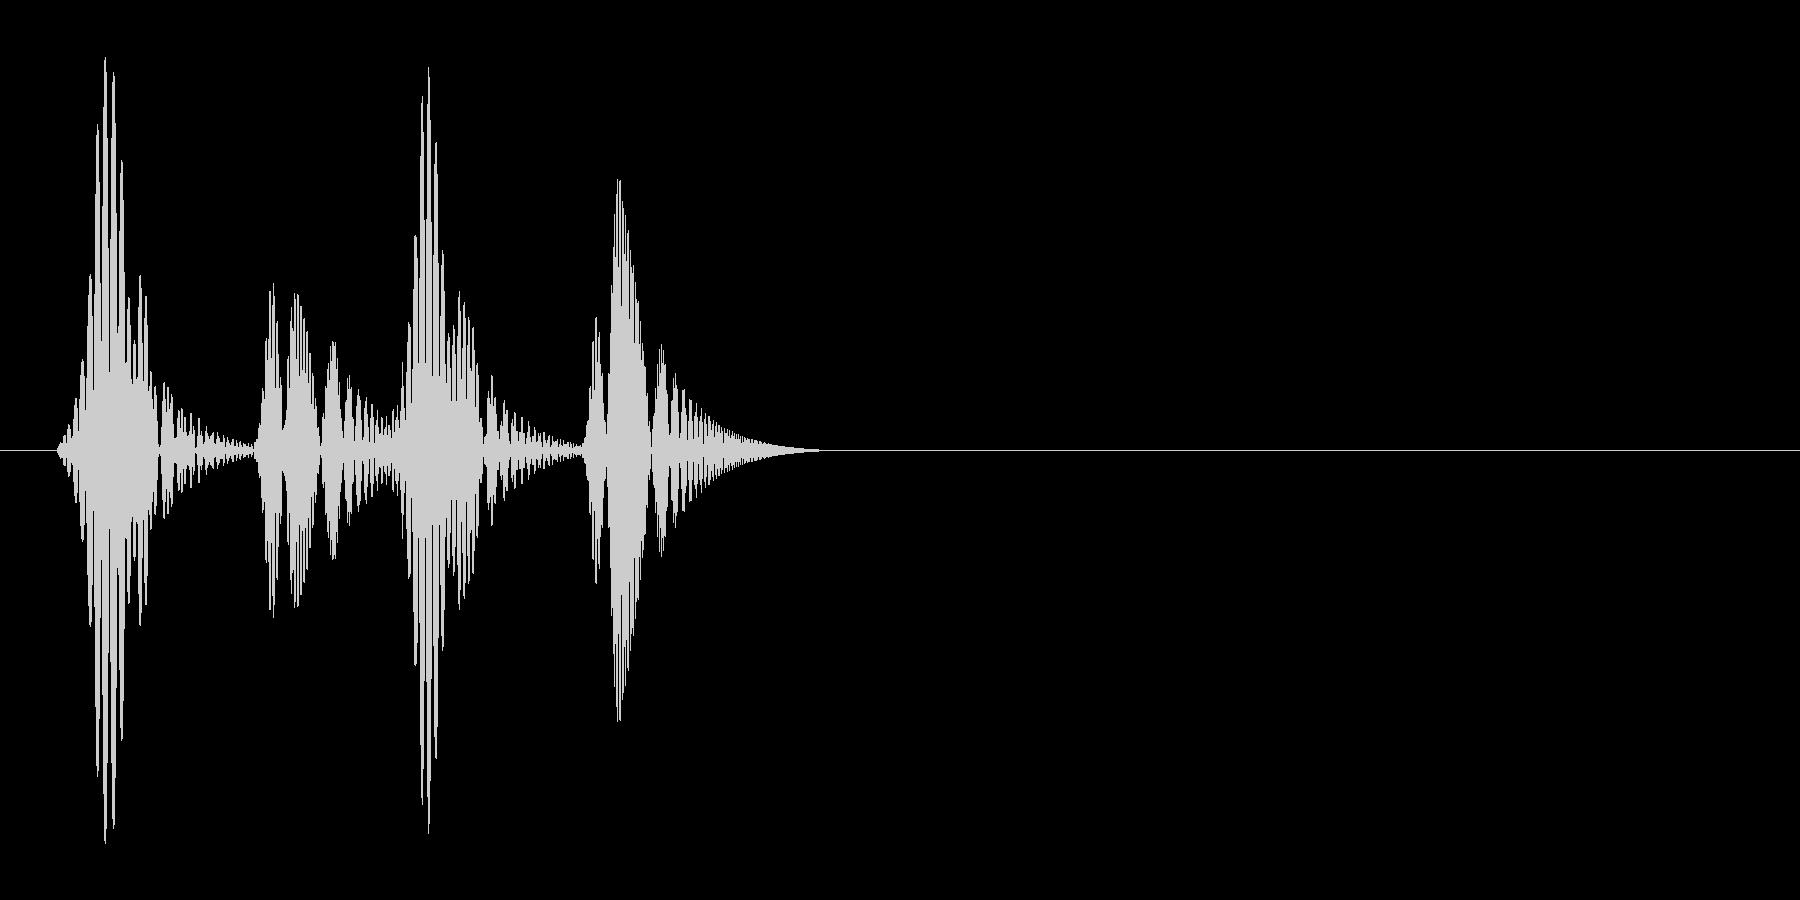 ゴクゴクッ(吸血、ポップ、吸い取る)の未再生の波形